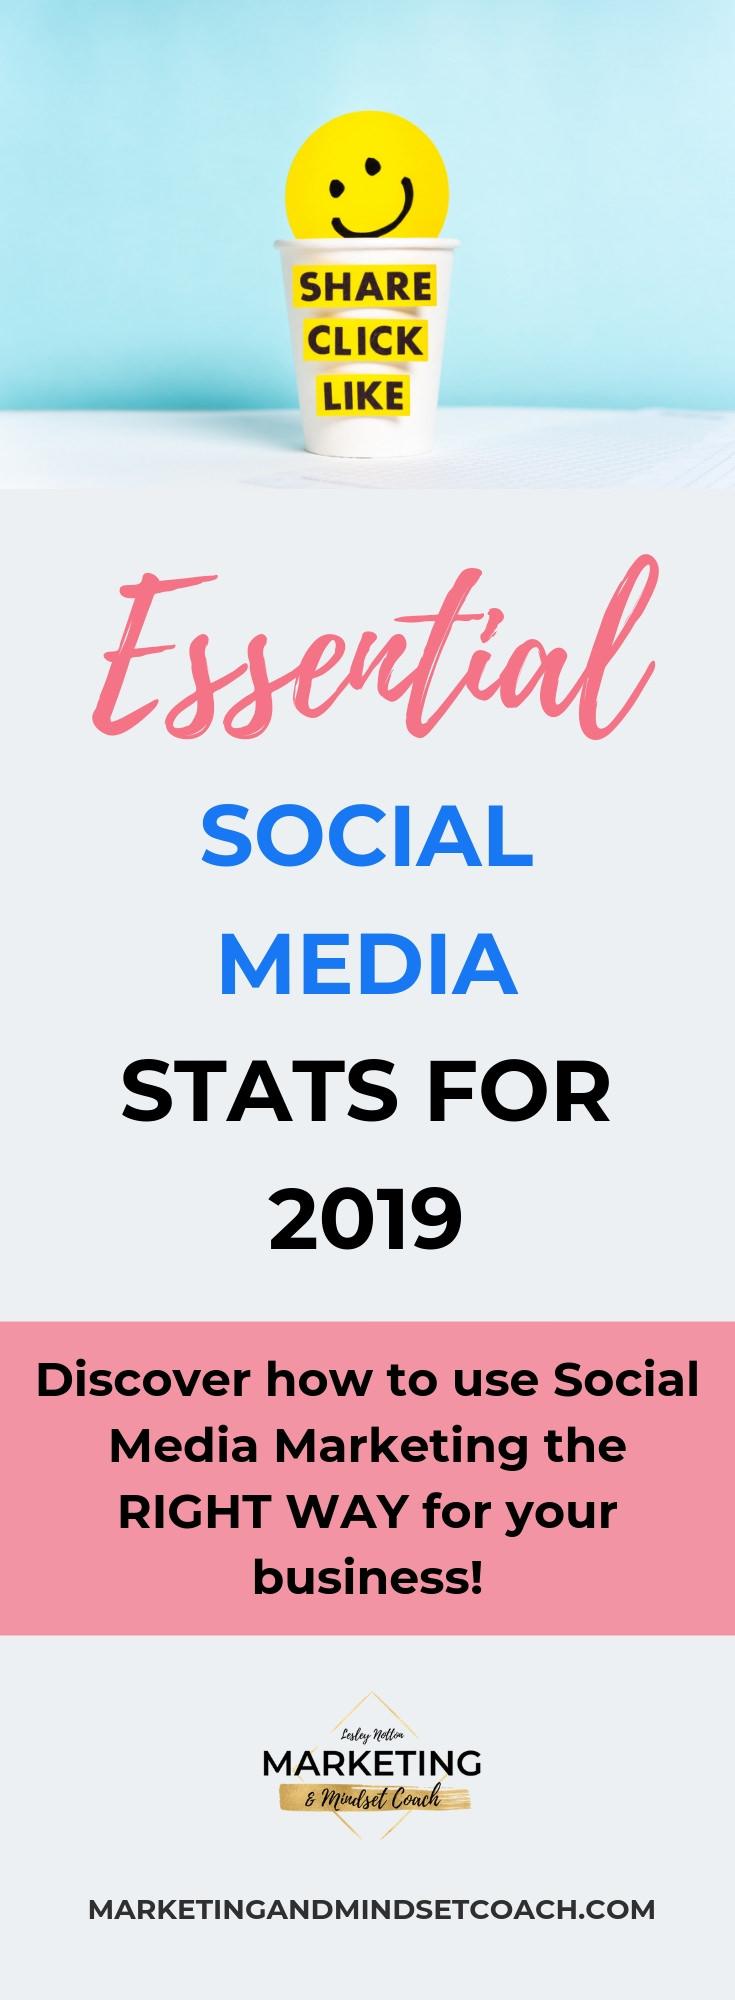 essential_social_media_stats_2019